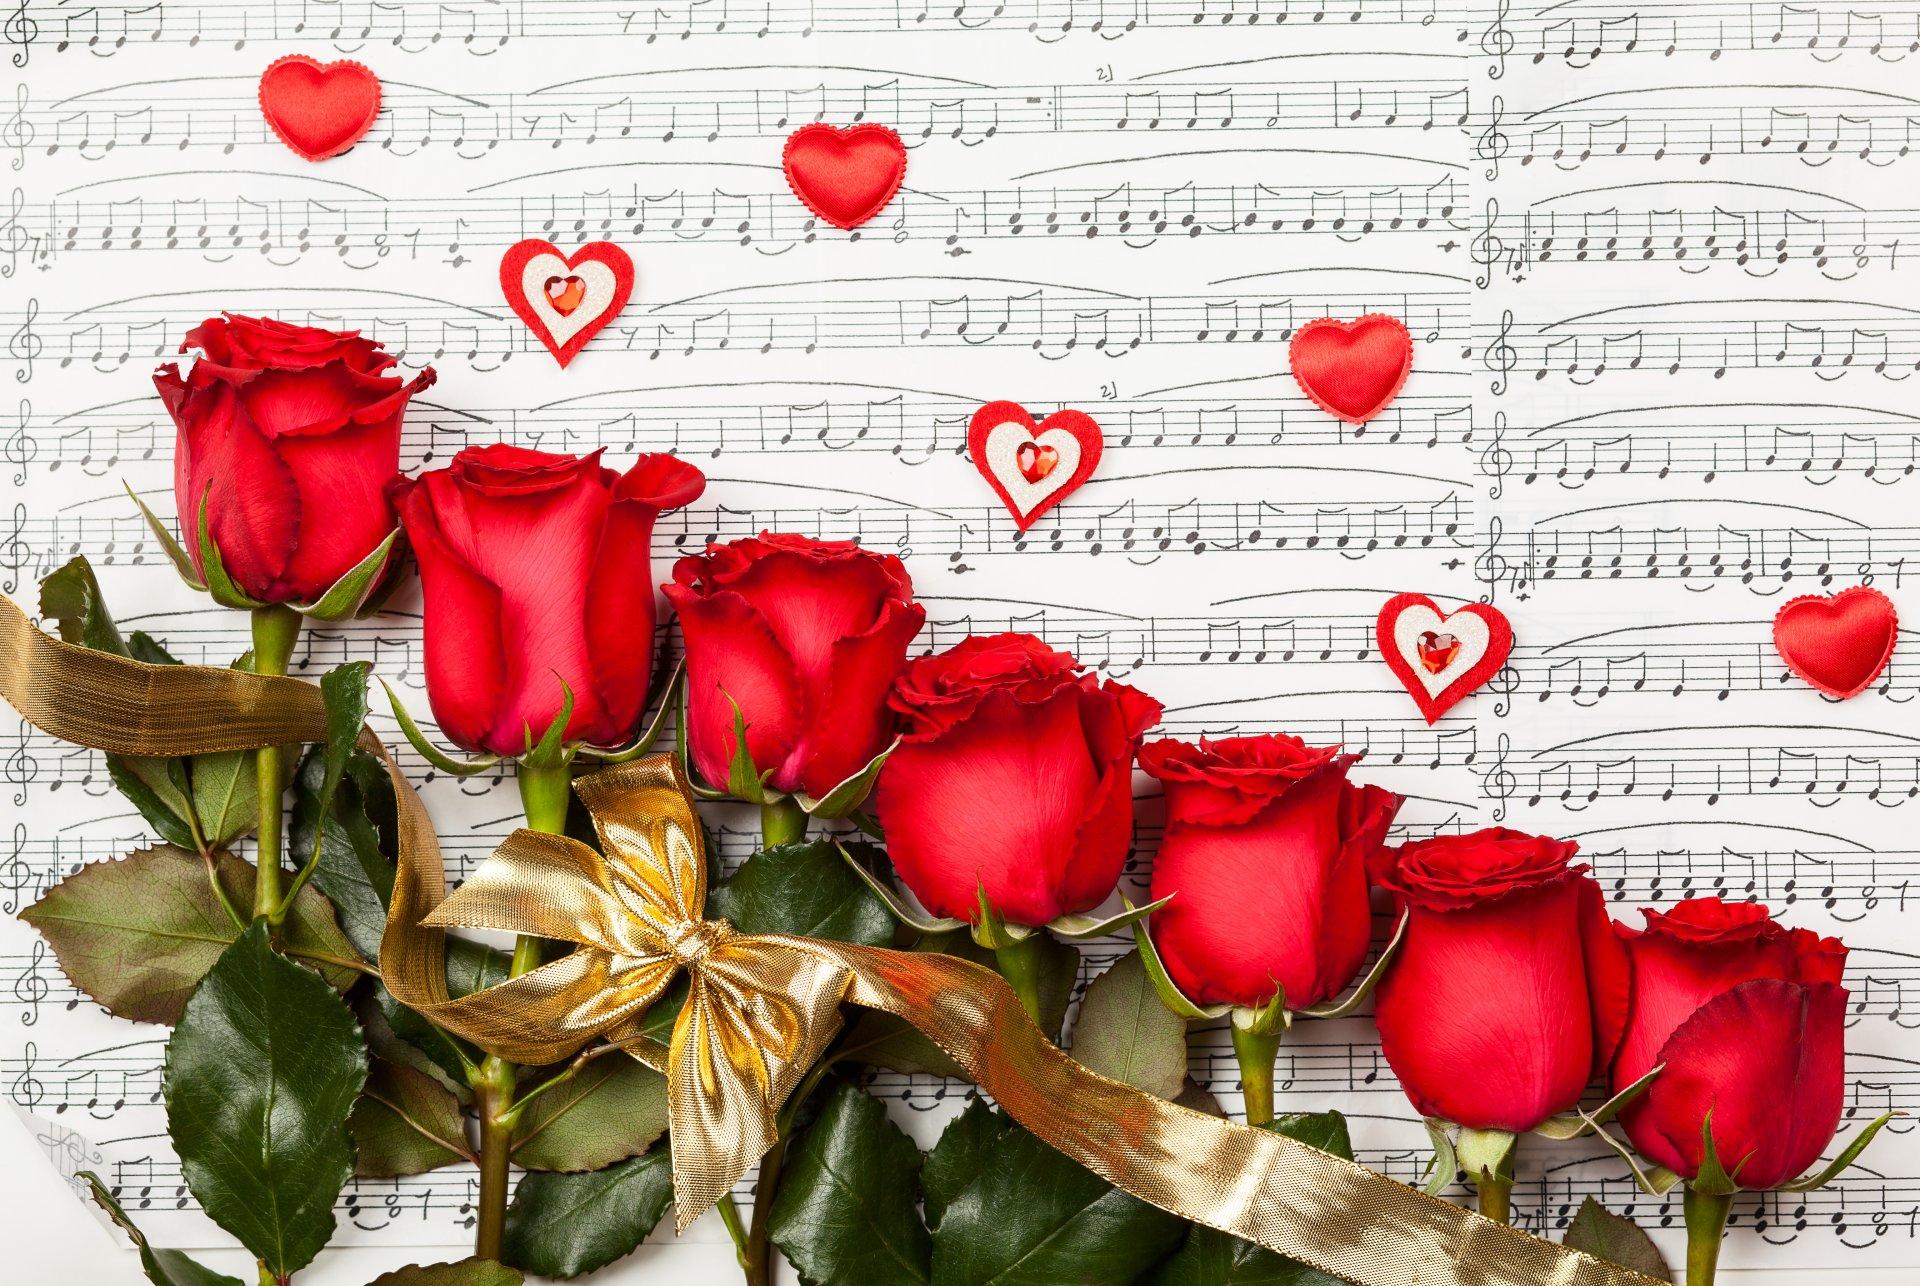 Цветы открытки музыкальные, картинки приколами